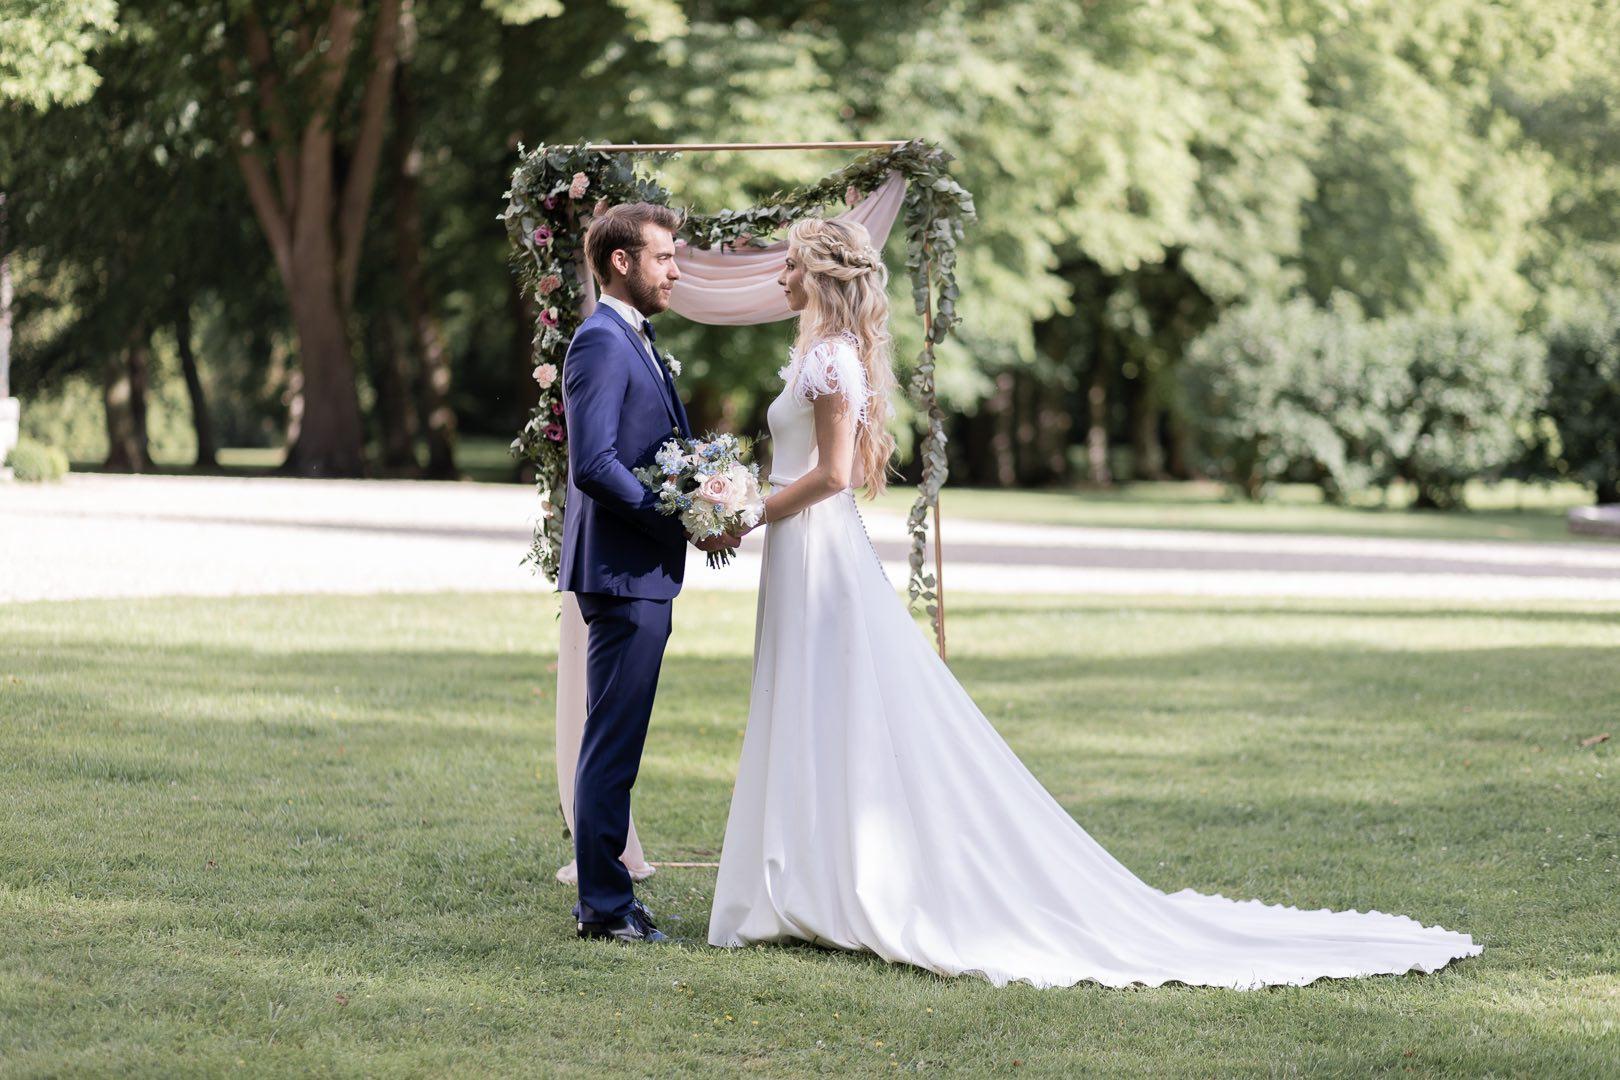 Mariage chic et romantique au domaine de Vauluisant